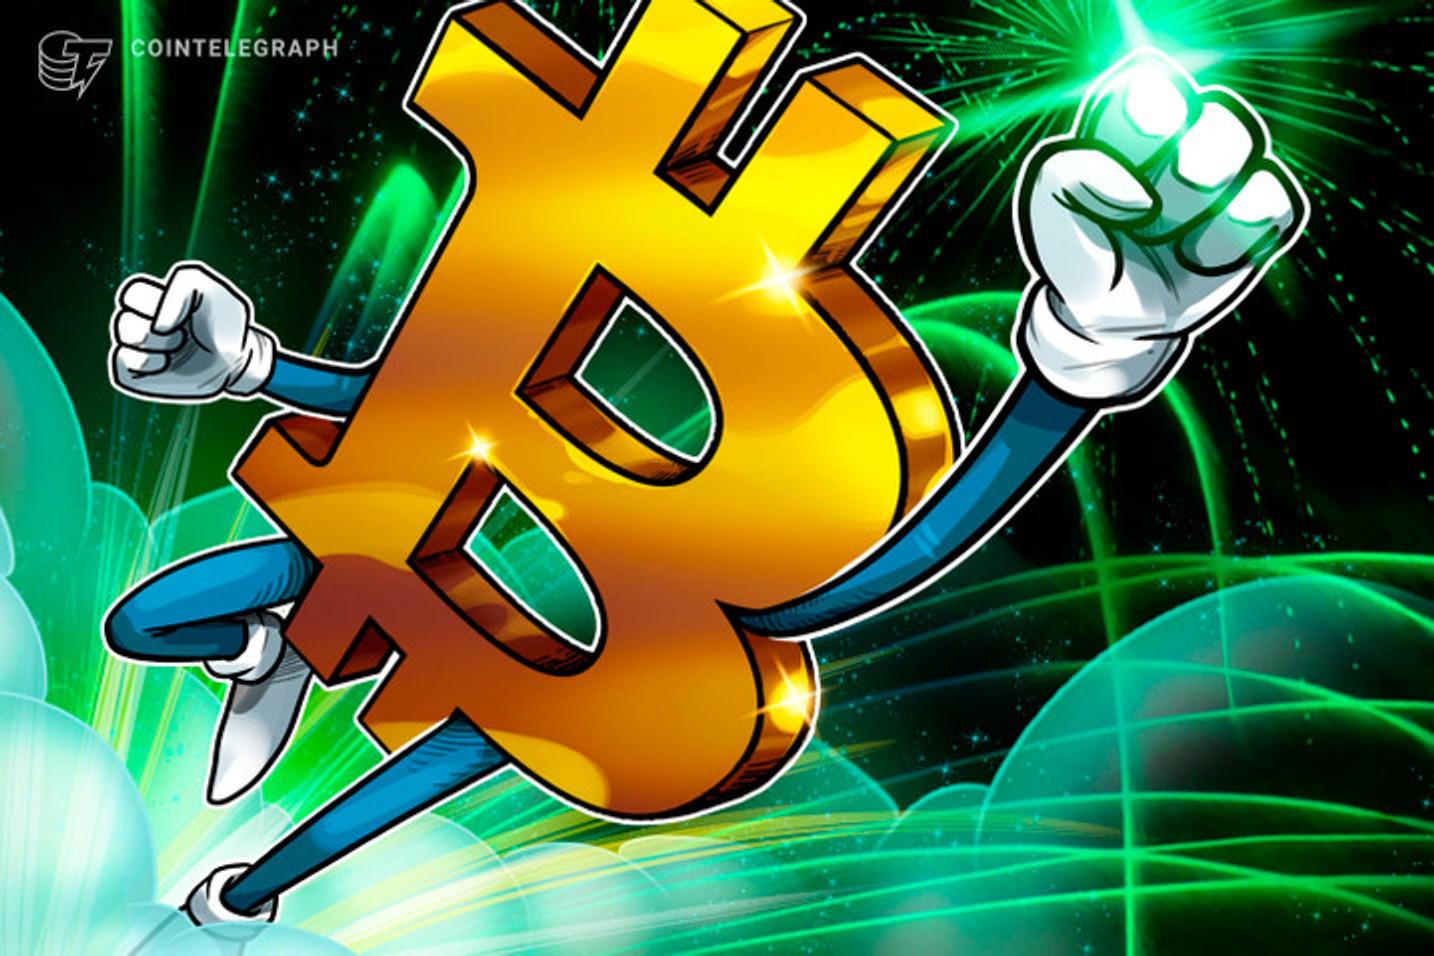 Ágio do dólar aumenta a valorização do Bitcoin